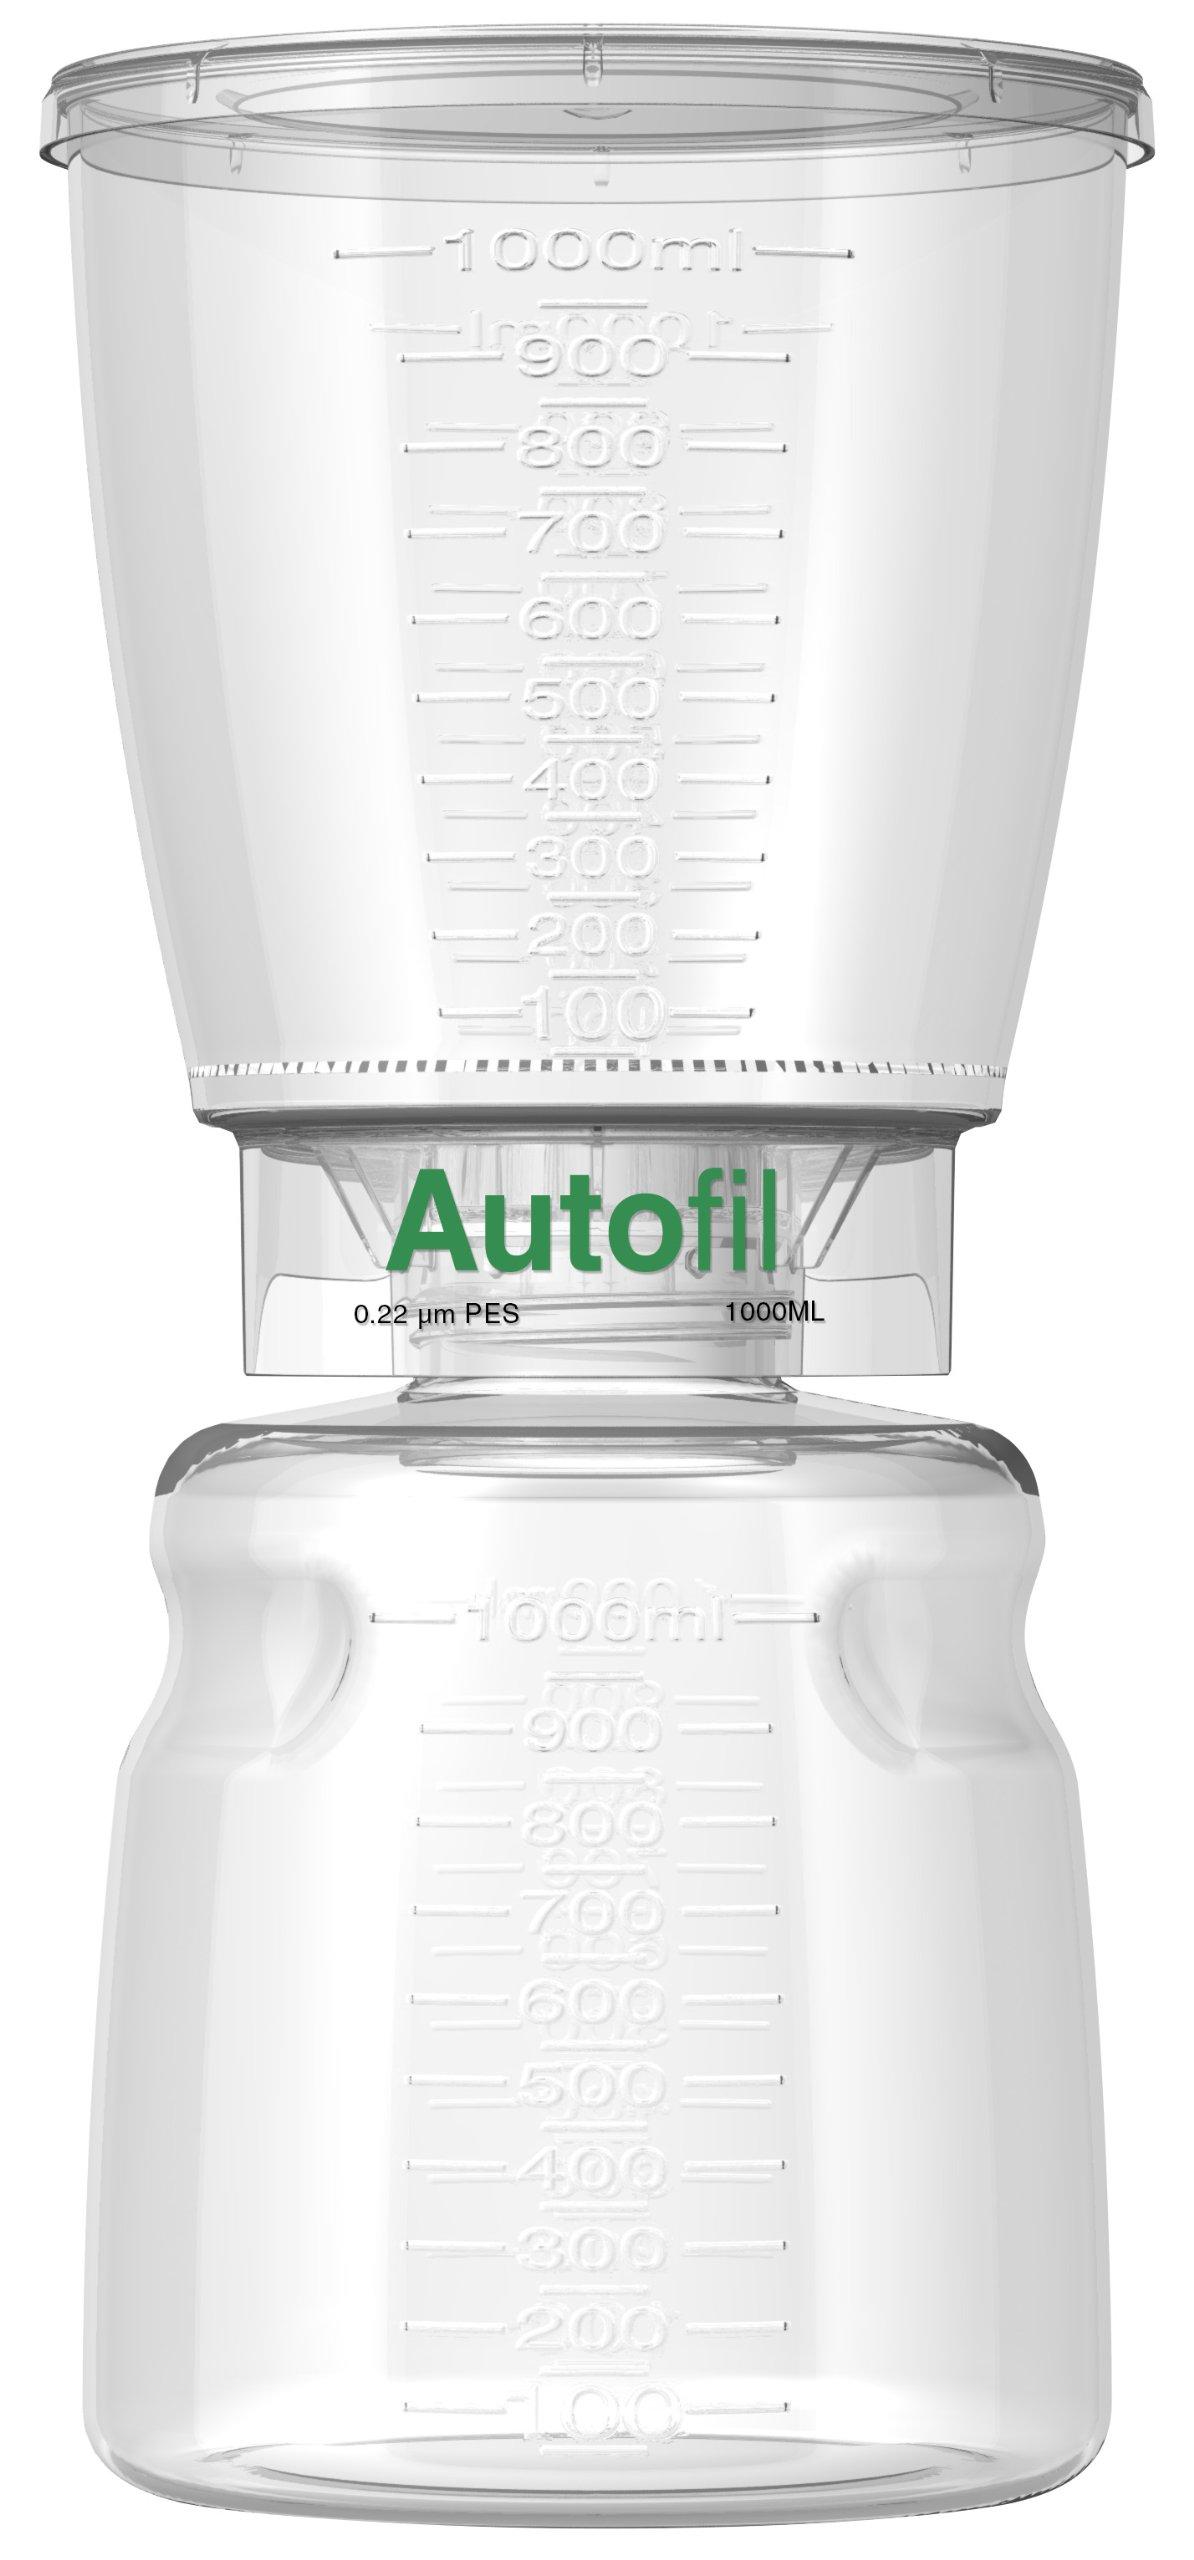 Autofil Sterile Disposable Vacuum Filter Units with 0.2um Sterilizing PES Membrane, 1000mL, 12/CS by Foxx Life Sciences